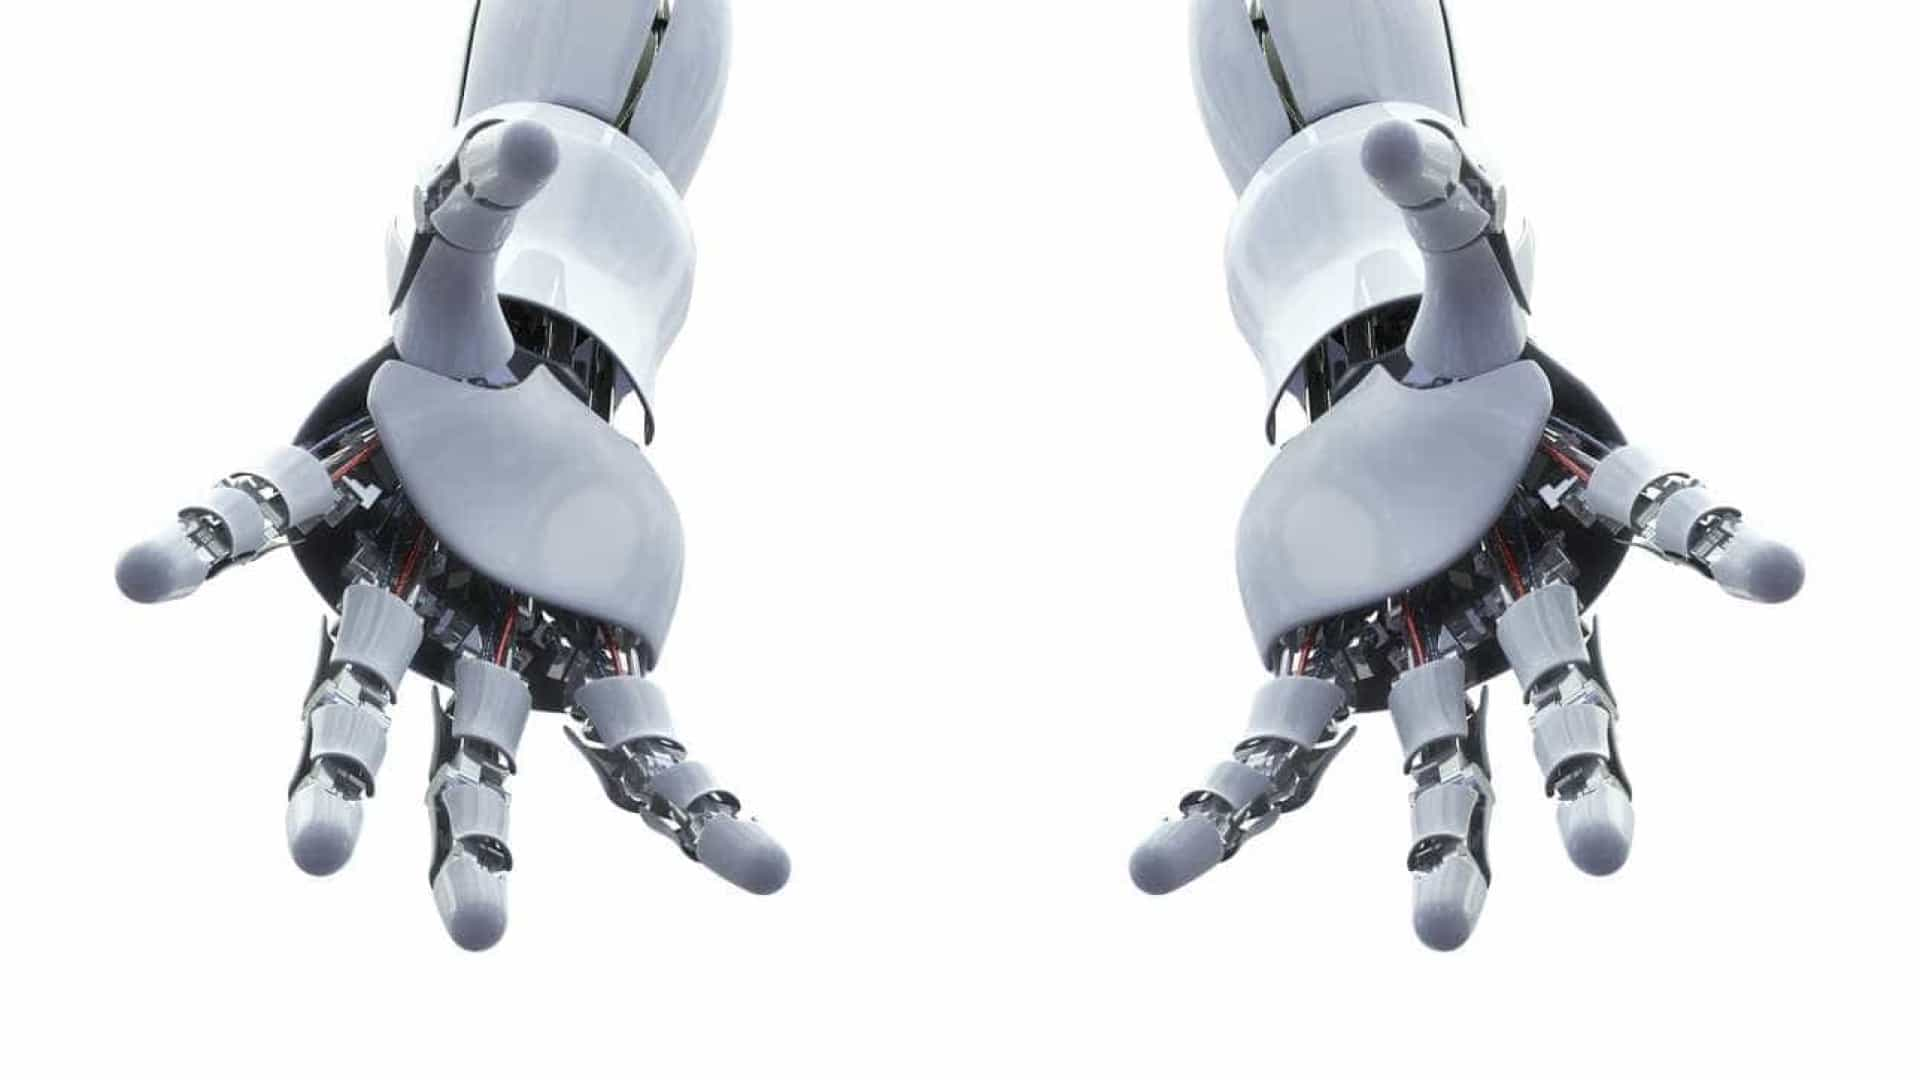 Seria capaz de 'matar' um robot? Estudo indica que não